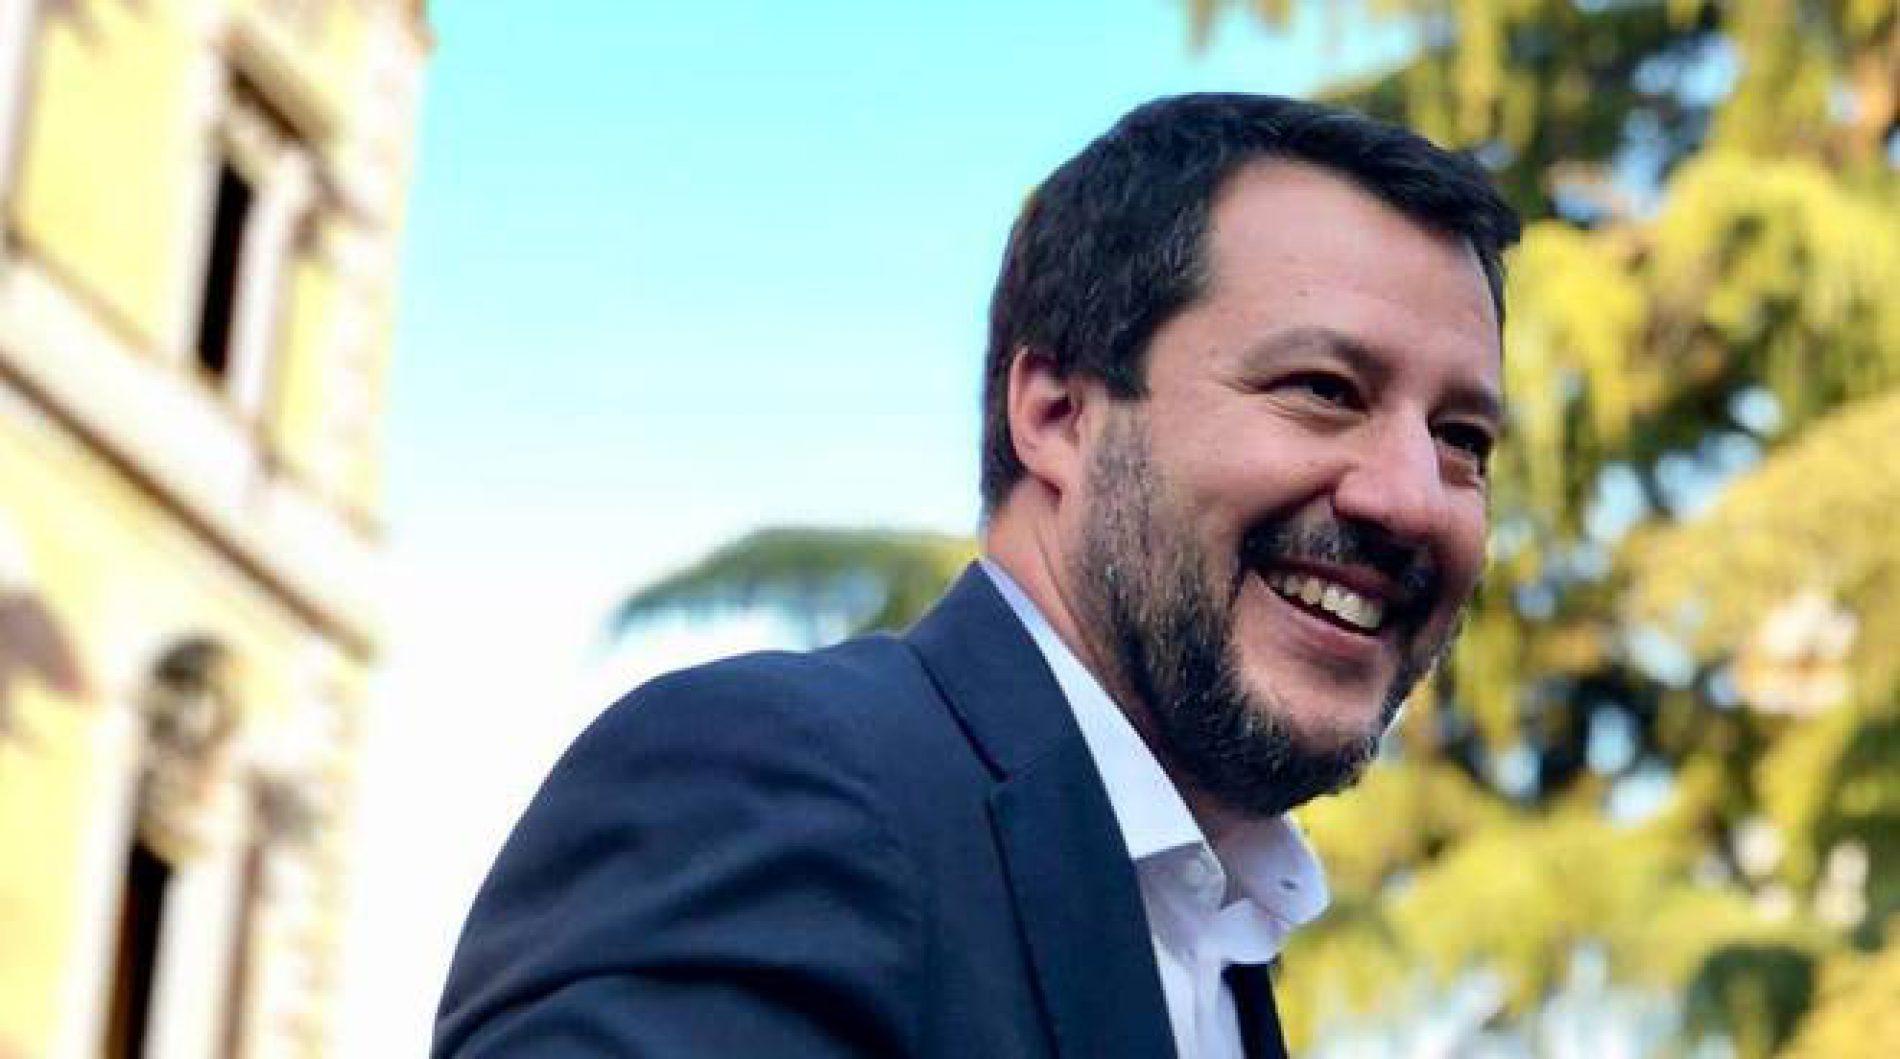 Granata(Legalità Democratica): Matteo Salvini è informato? Cosi si perdono le elezioni in Calabria.